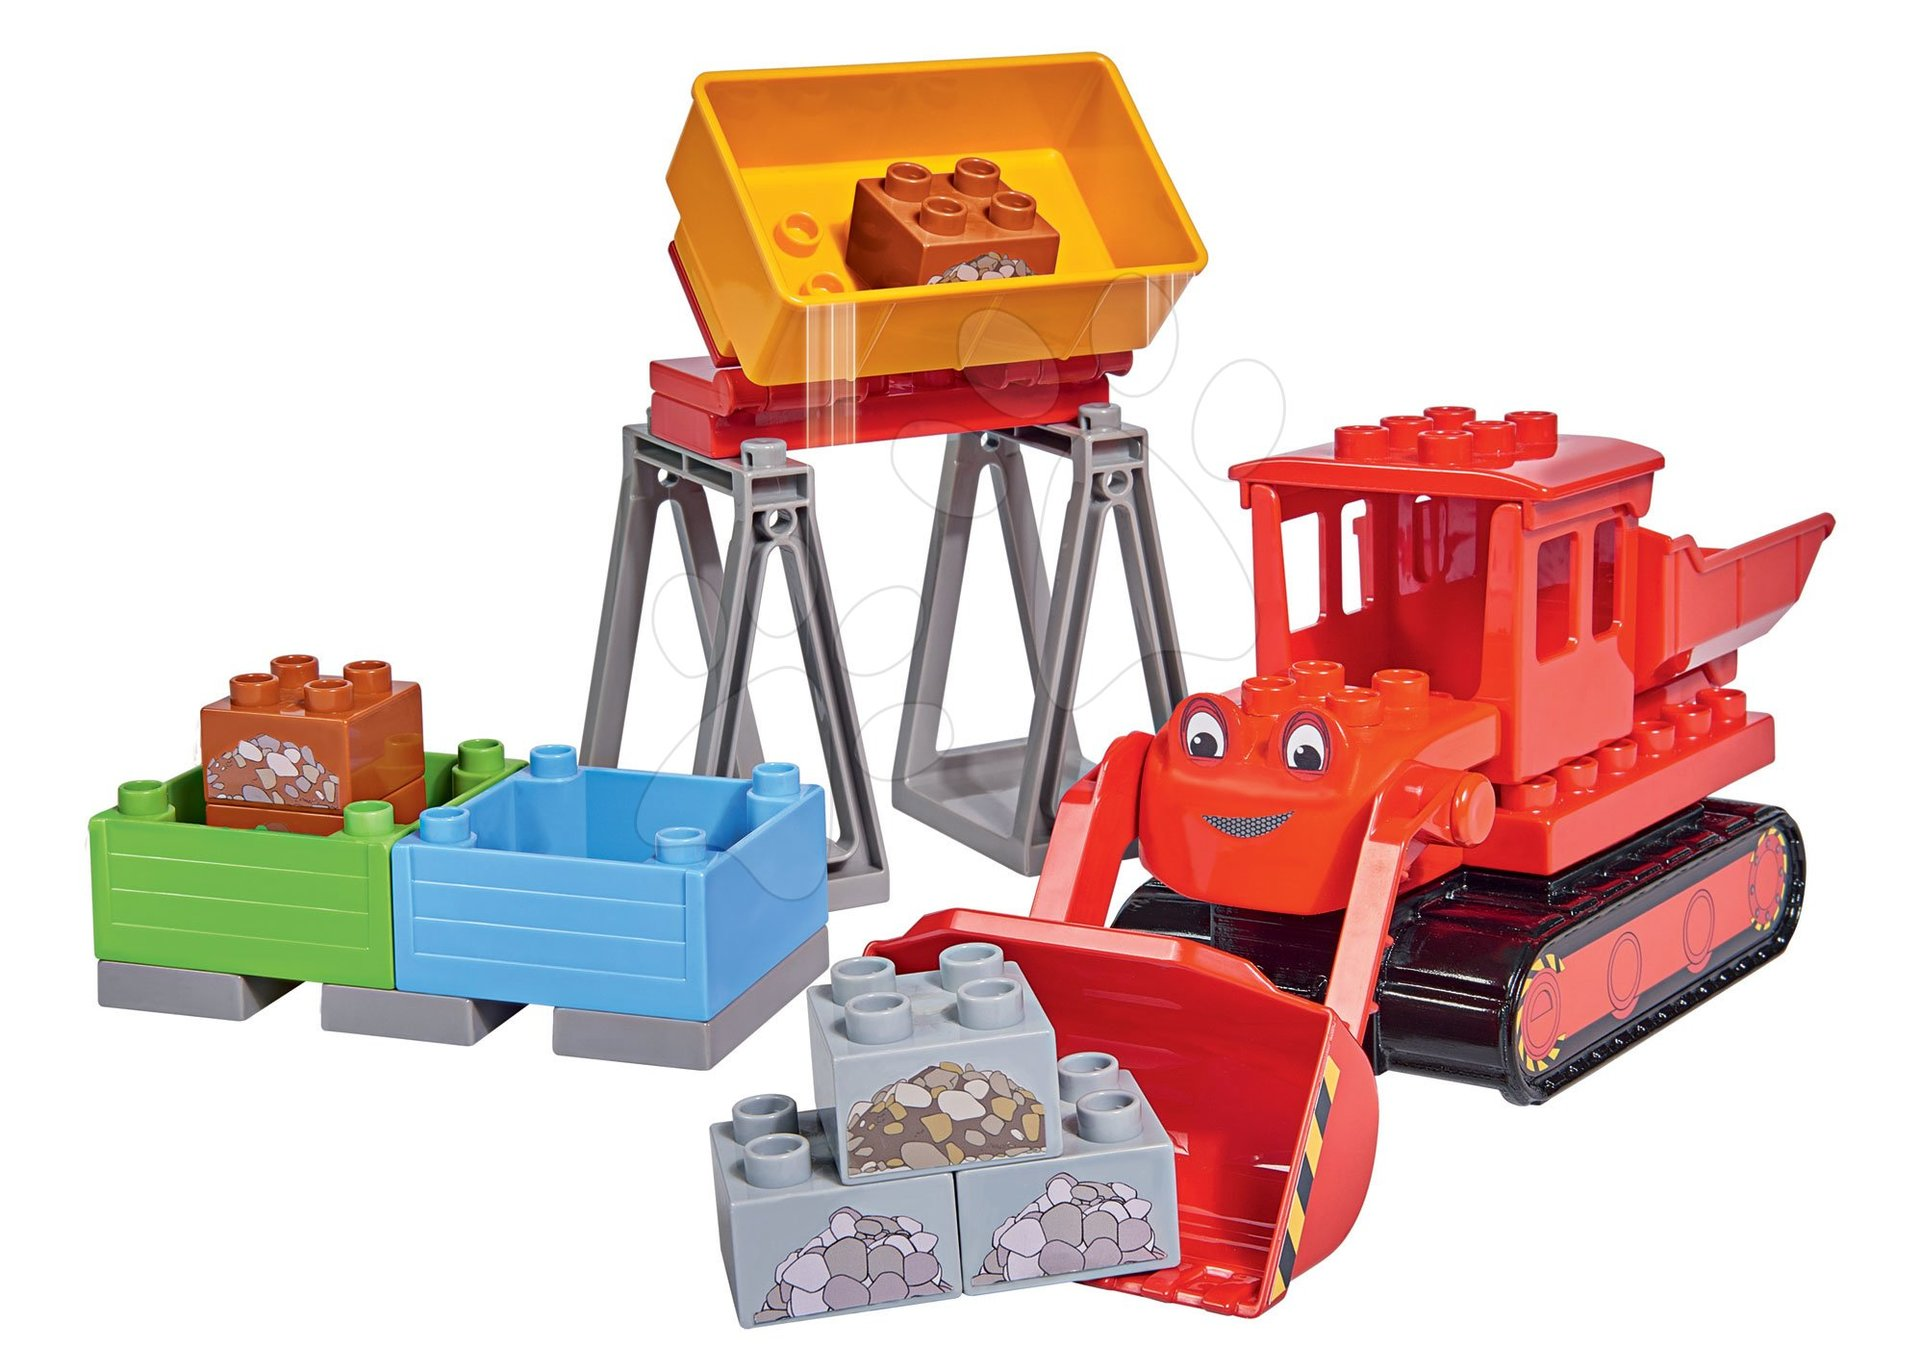 Stavebnica Staviteľ Bob PlayBIG Bloxx BIG buldozér so stavebným materiálom 29 dielov od 24 mes